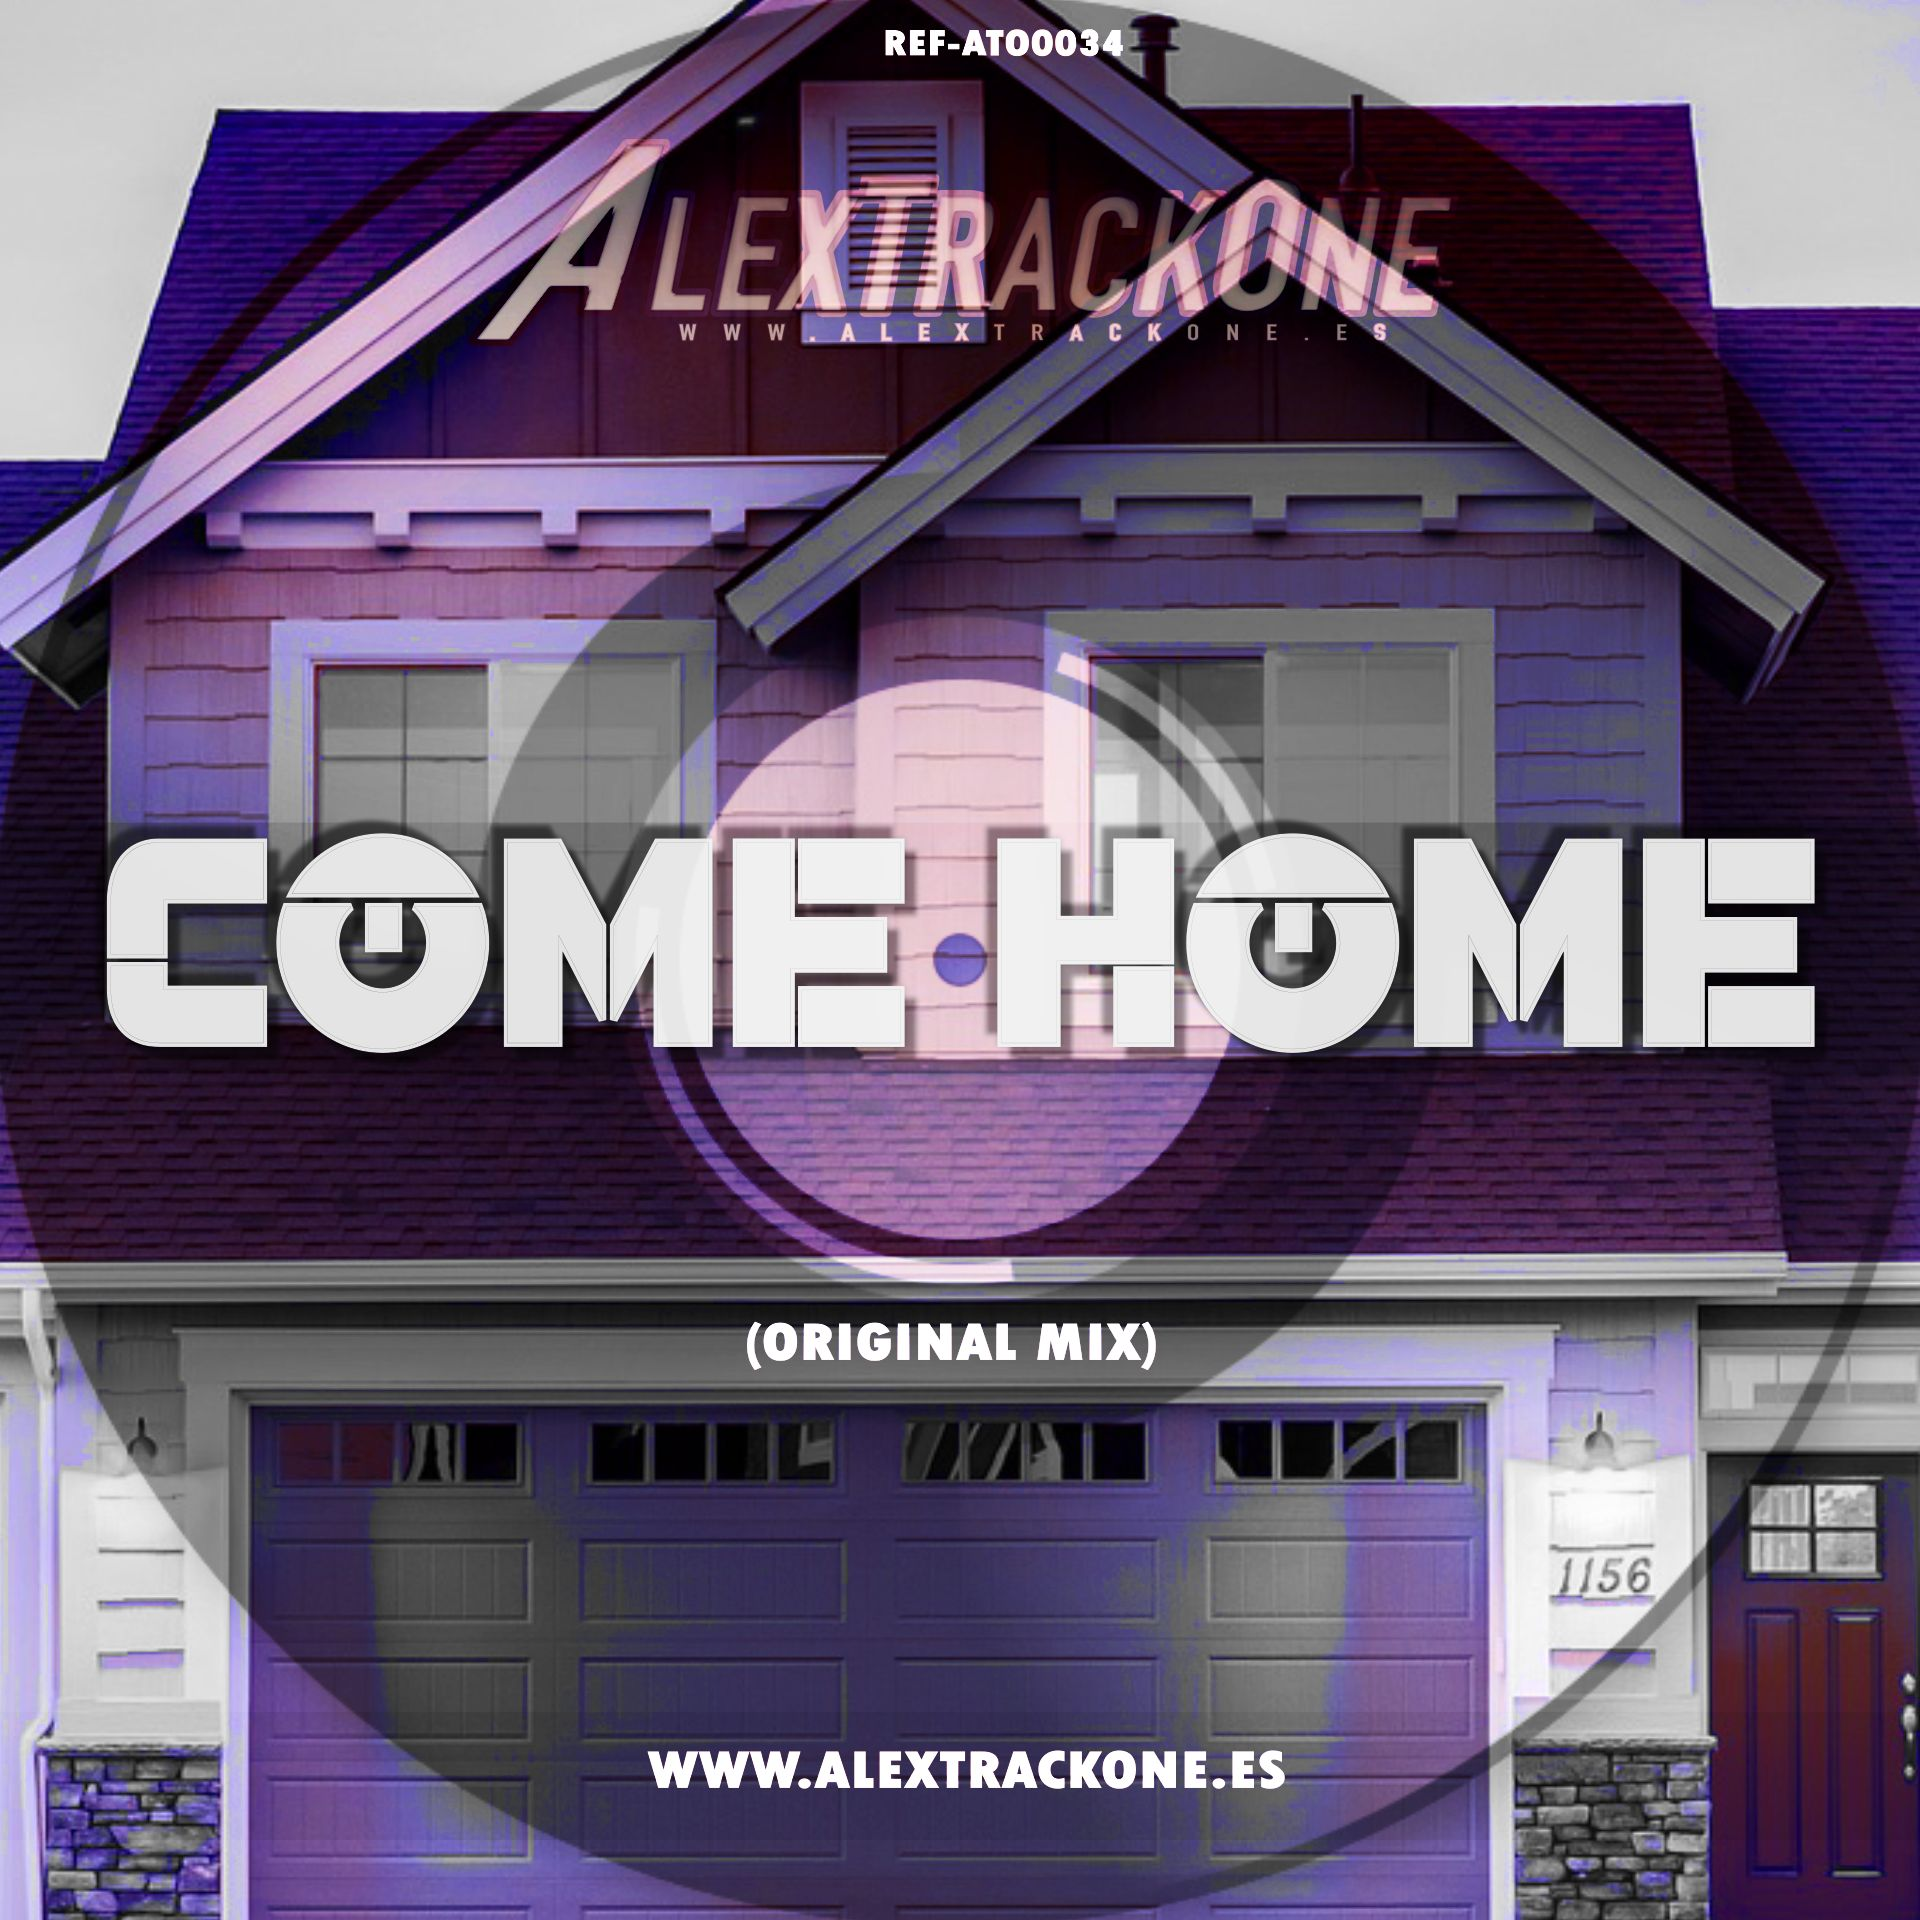 REF-ATO0034 COME HOME (ORIGINAL MIX)